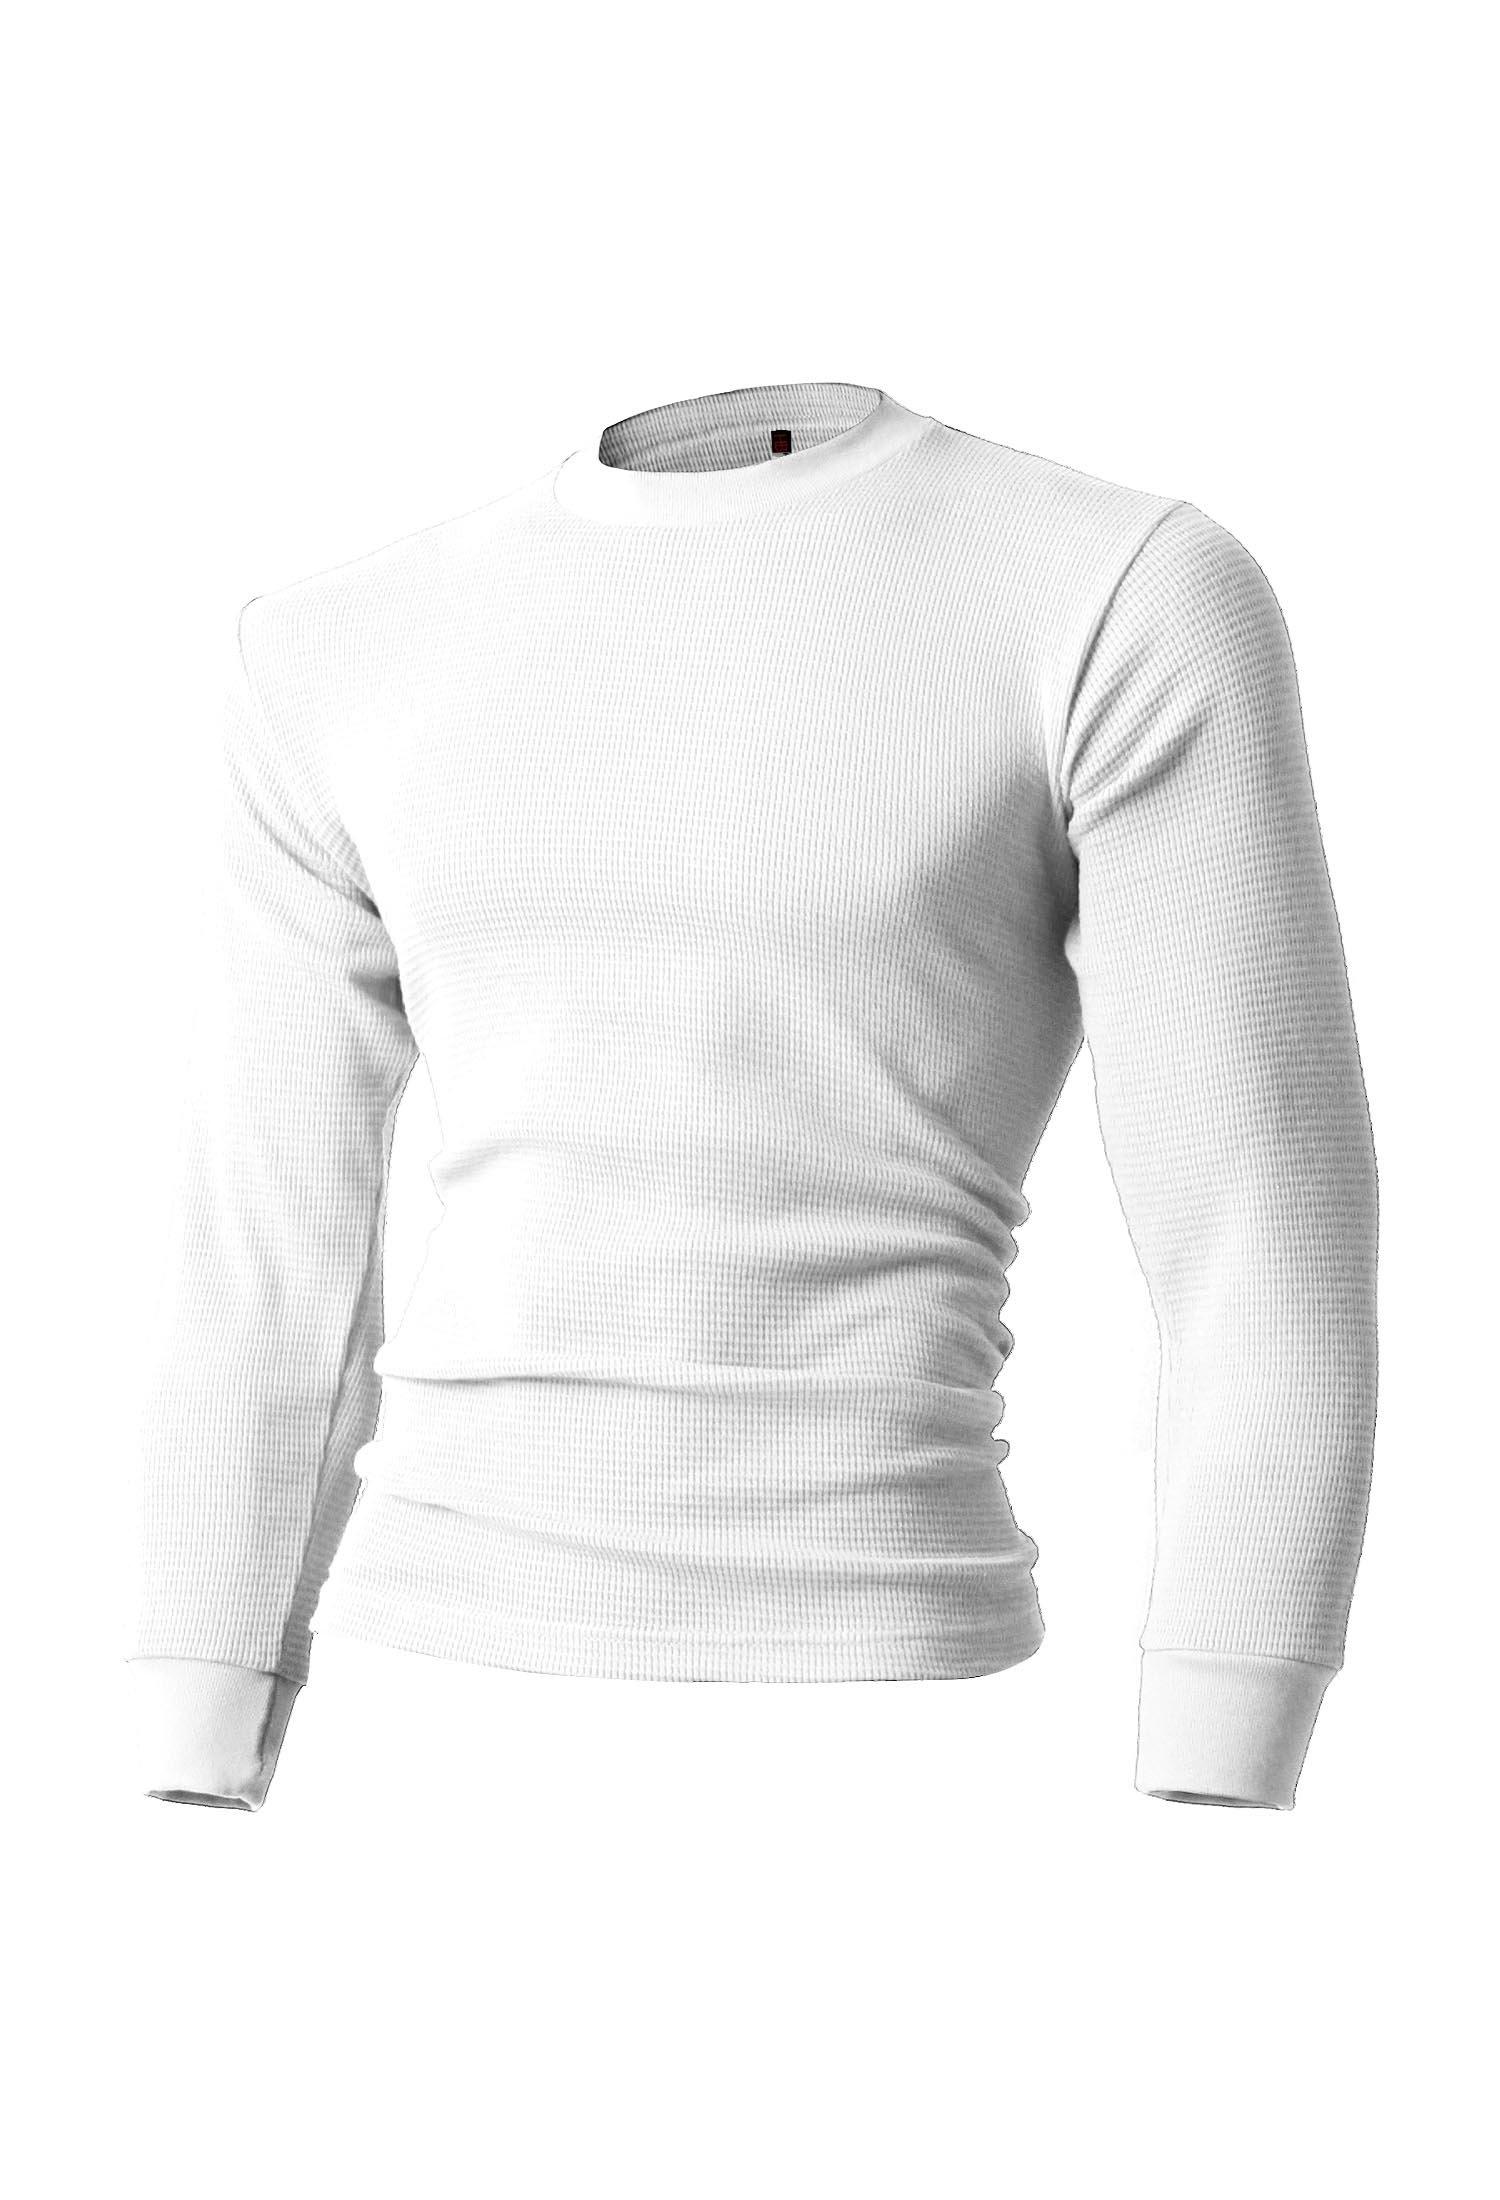 KS Mens Thermal T Shirts (Medium/ ks23_white)